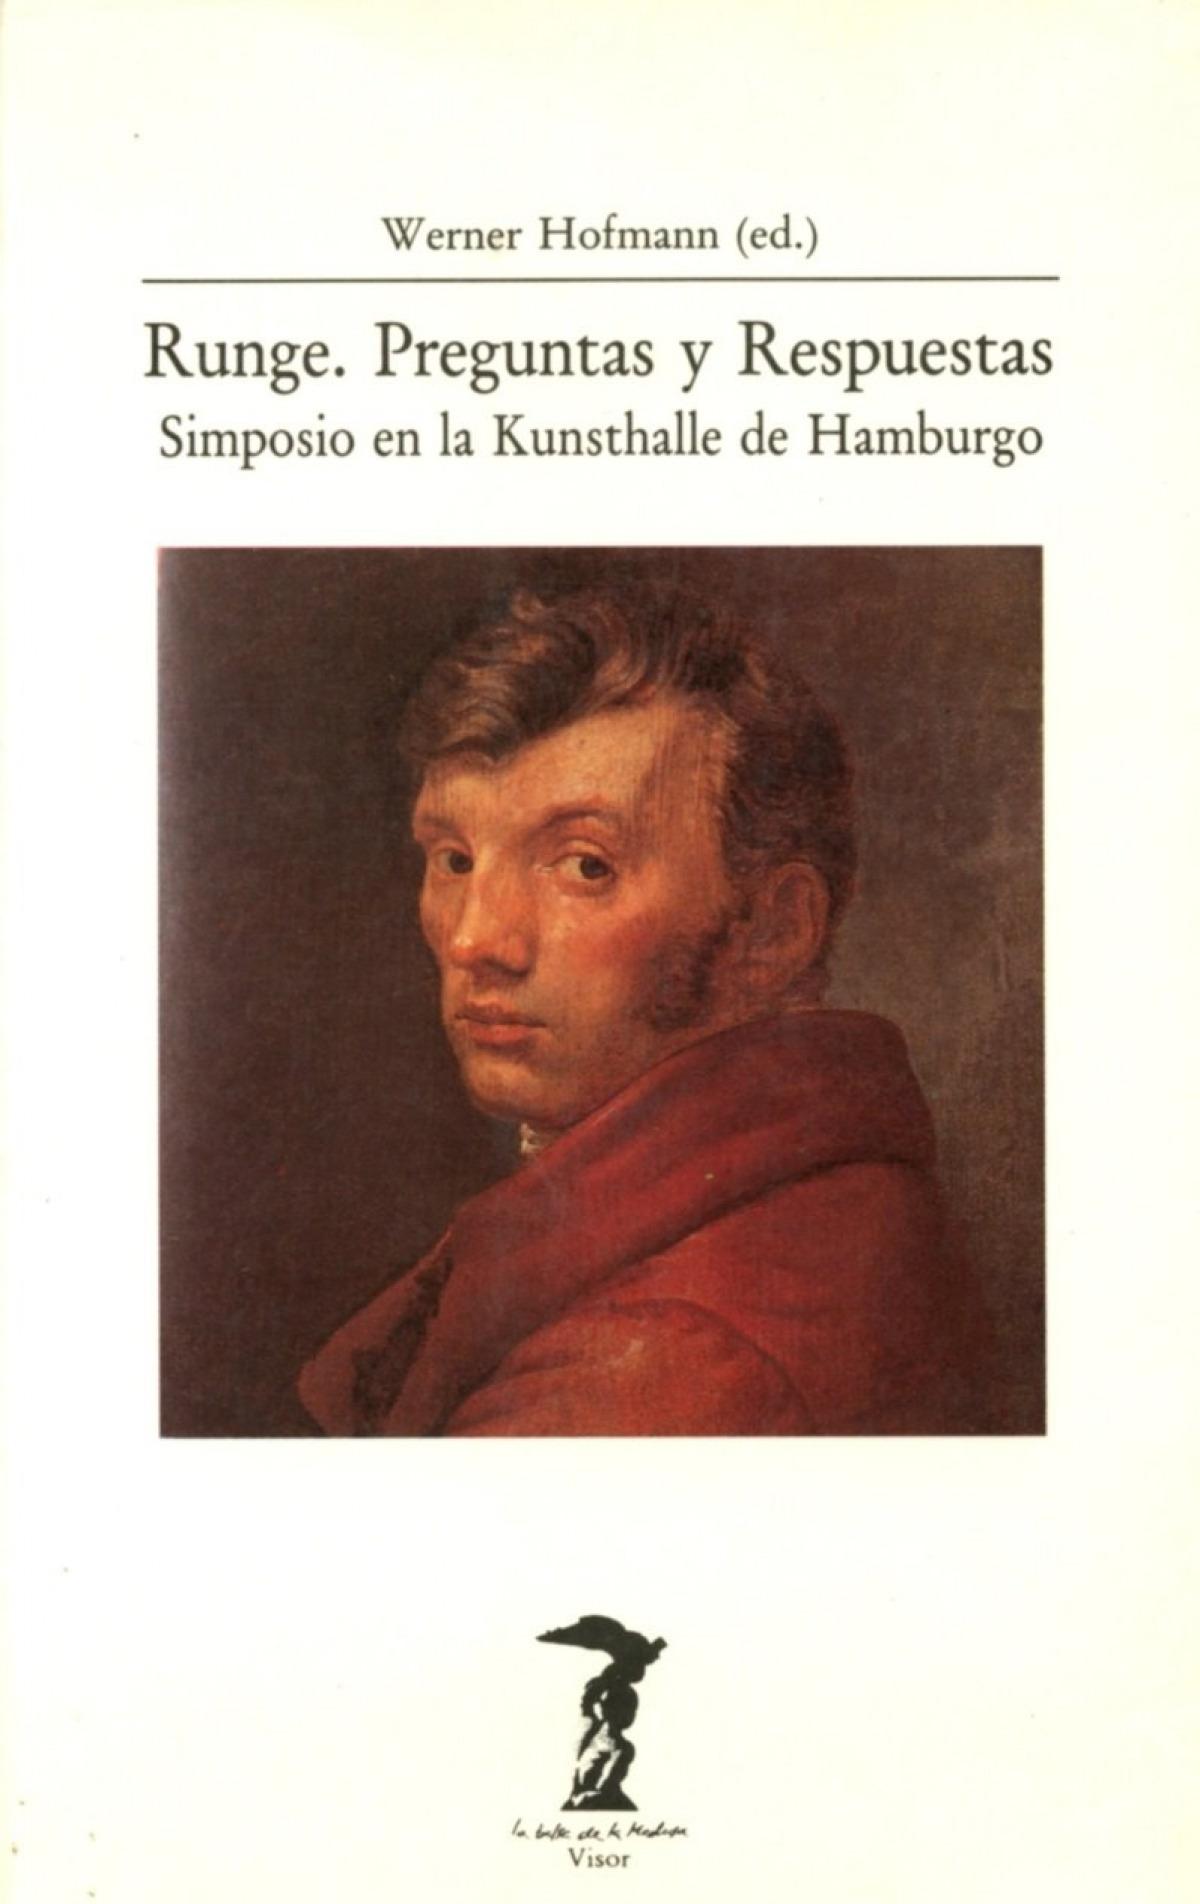 Runge. preguntas y respuestas simposio en la kunsthalle de hamburgo - Hofmann